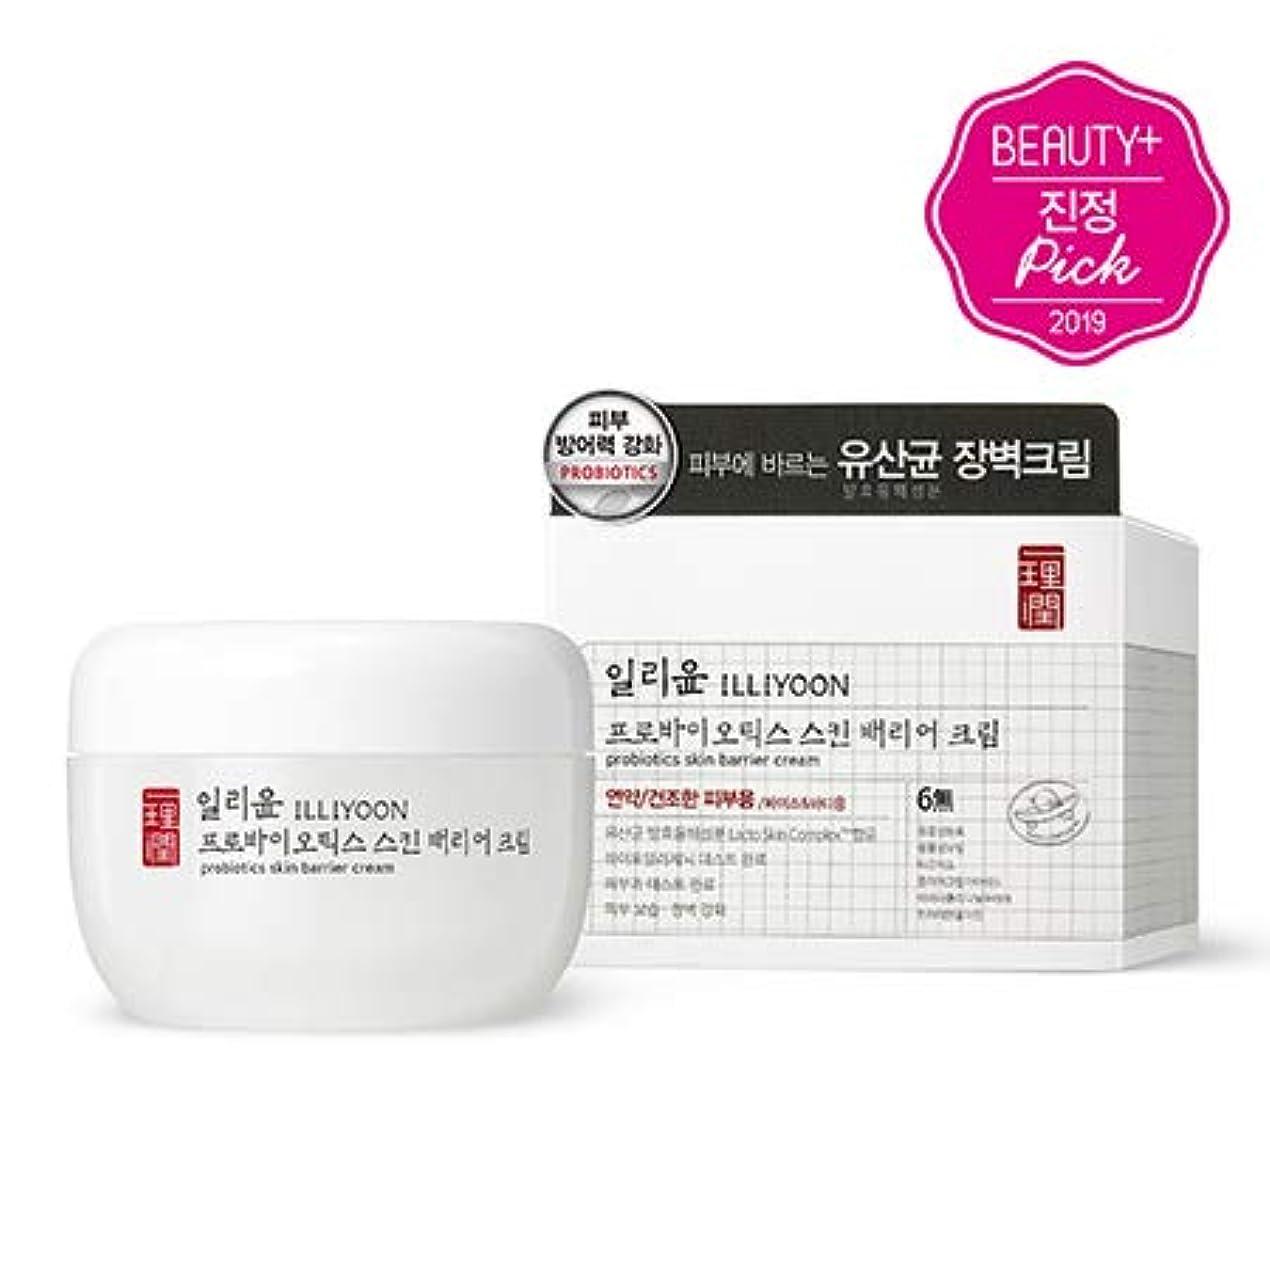 側代替案寛大な[illiyoon]プロバイオティクススキンバリアクリーム(100ml)/ pro biotics skin barrier cream